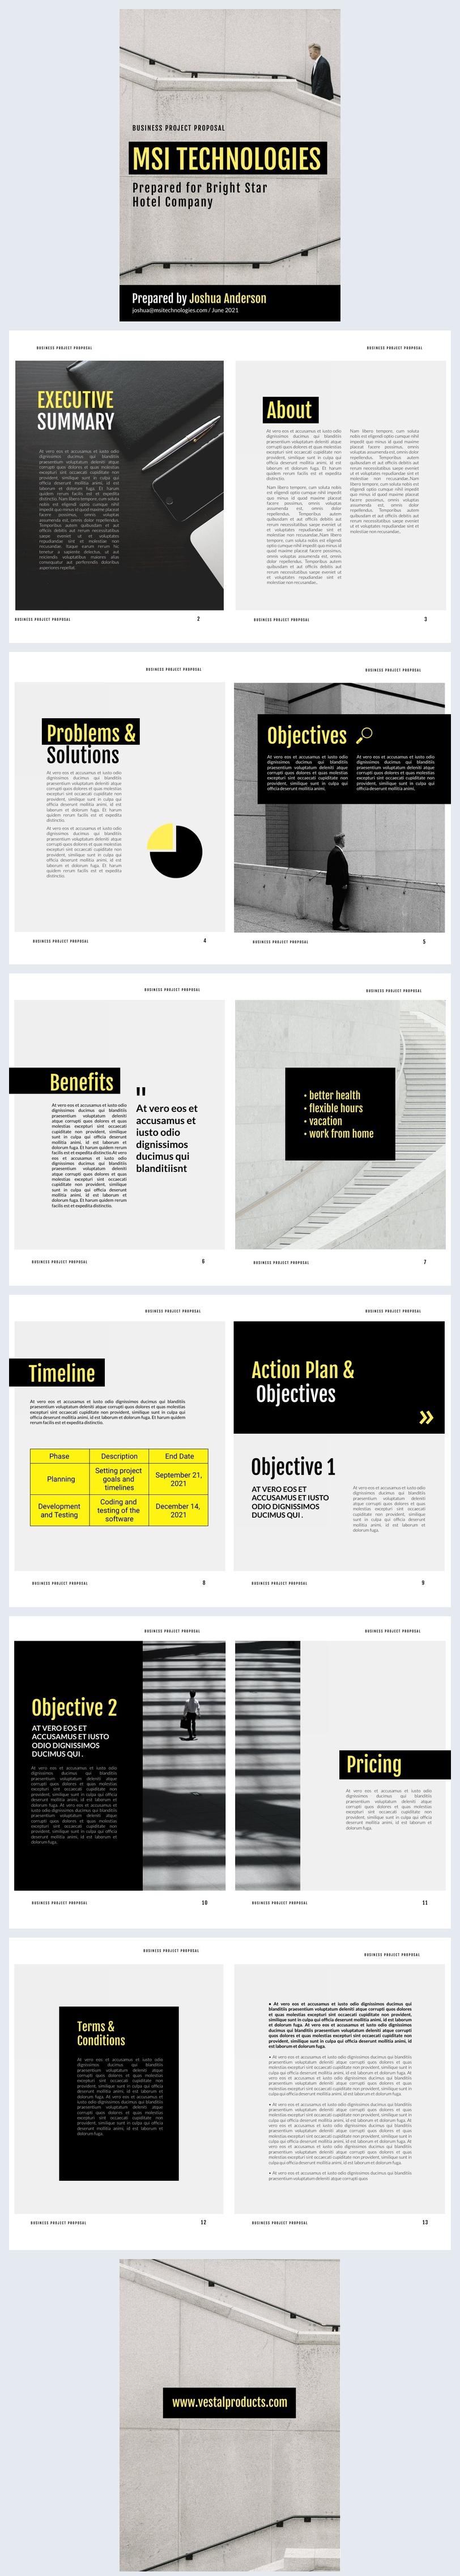 Diseño de muestra para propuesta de proyecto empresarial